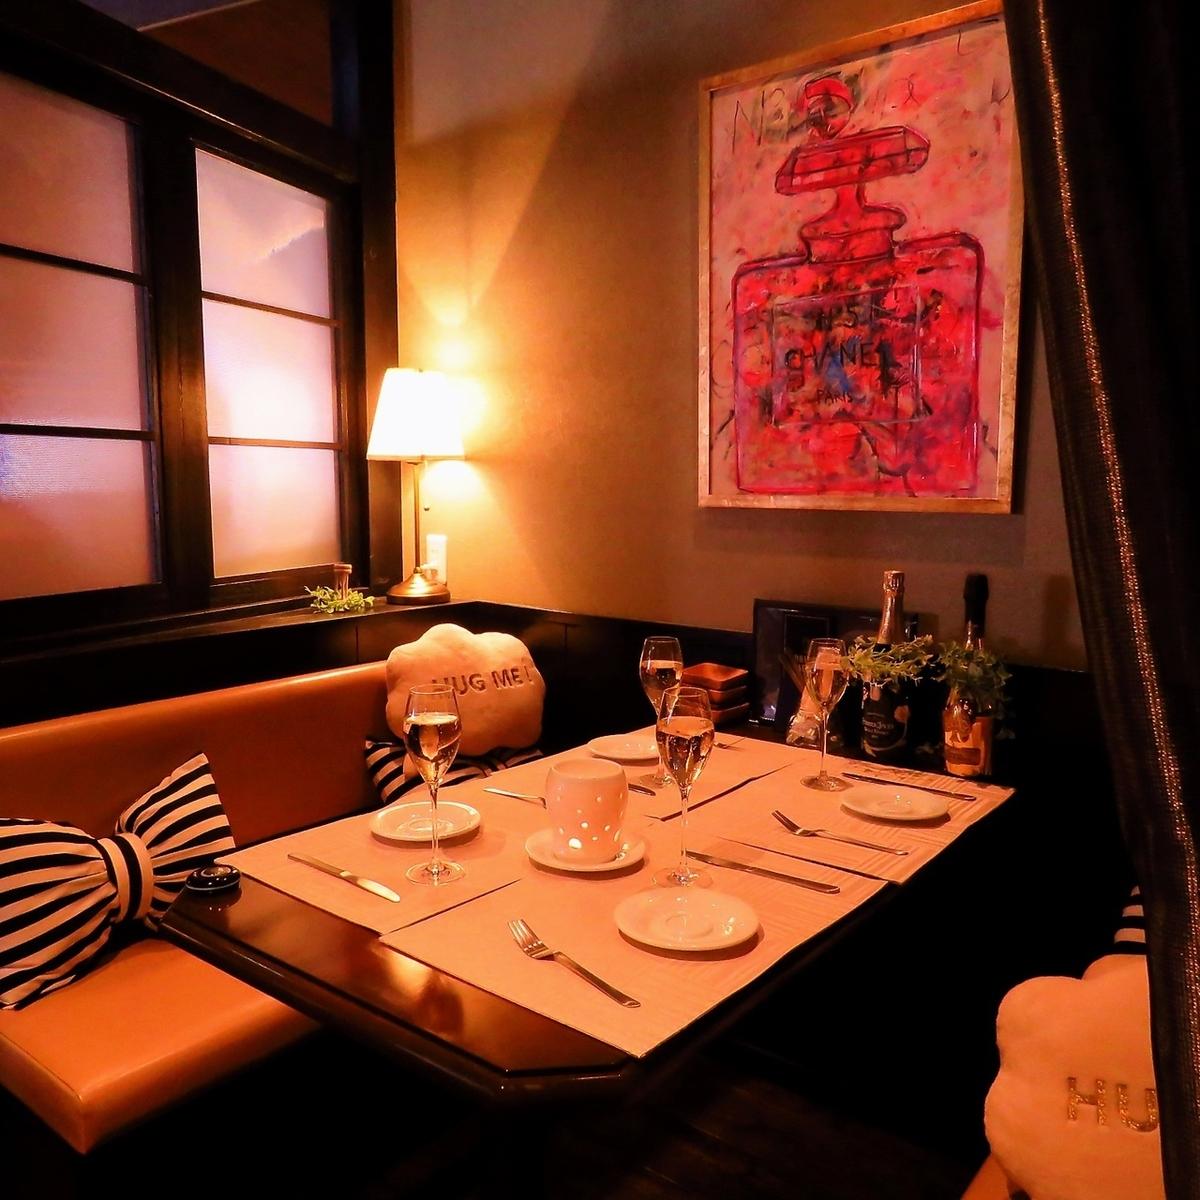 4 명까지 이용 가능! 여자 회나 생일 파티에 최적 ☆ 세련된 별실에서 엄선 된 숙성 고기와 고기 초밥을 즐기세요!